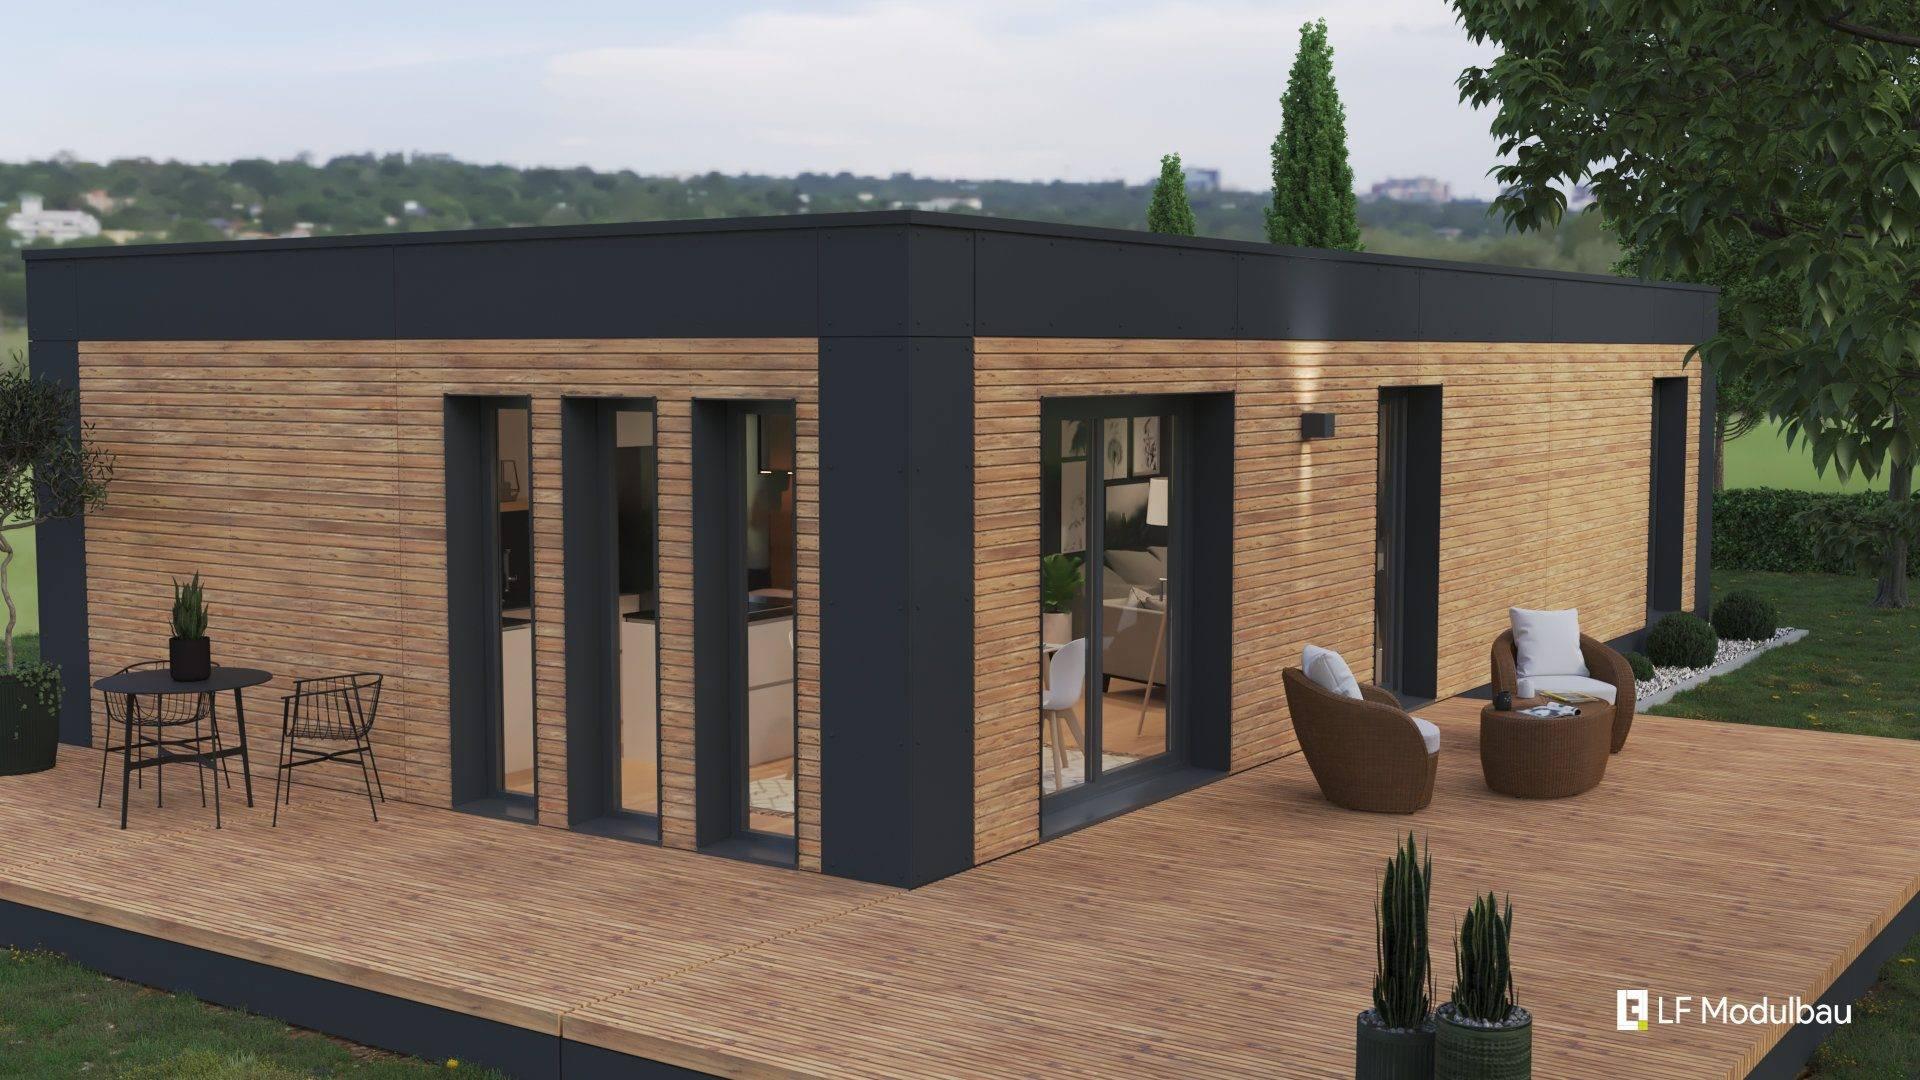 Die Ausstattungsvariante Black unseres Fertighauses in modulbauweise - LF Home I